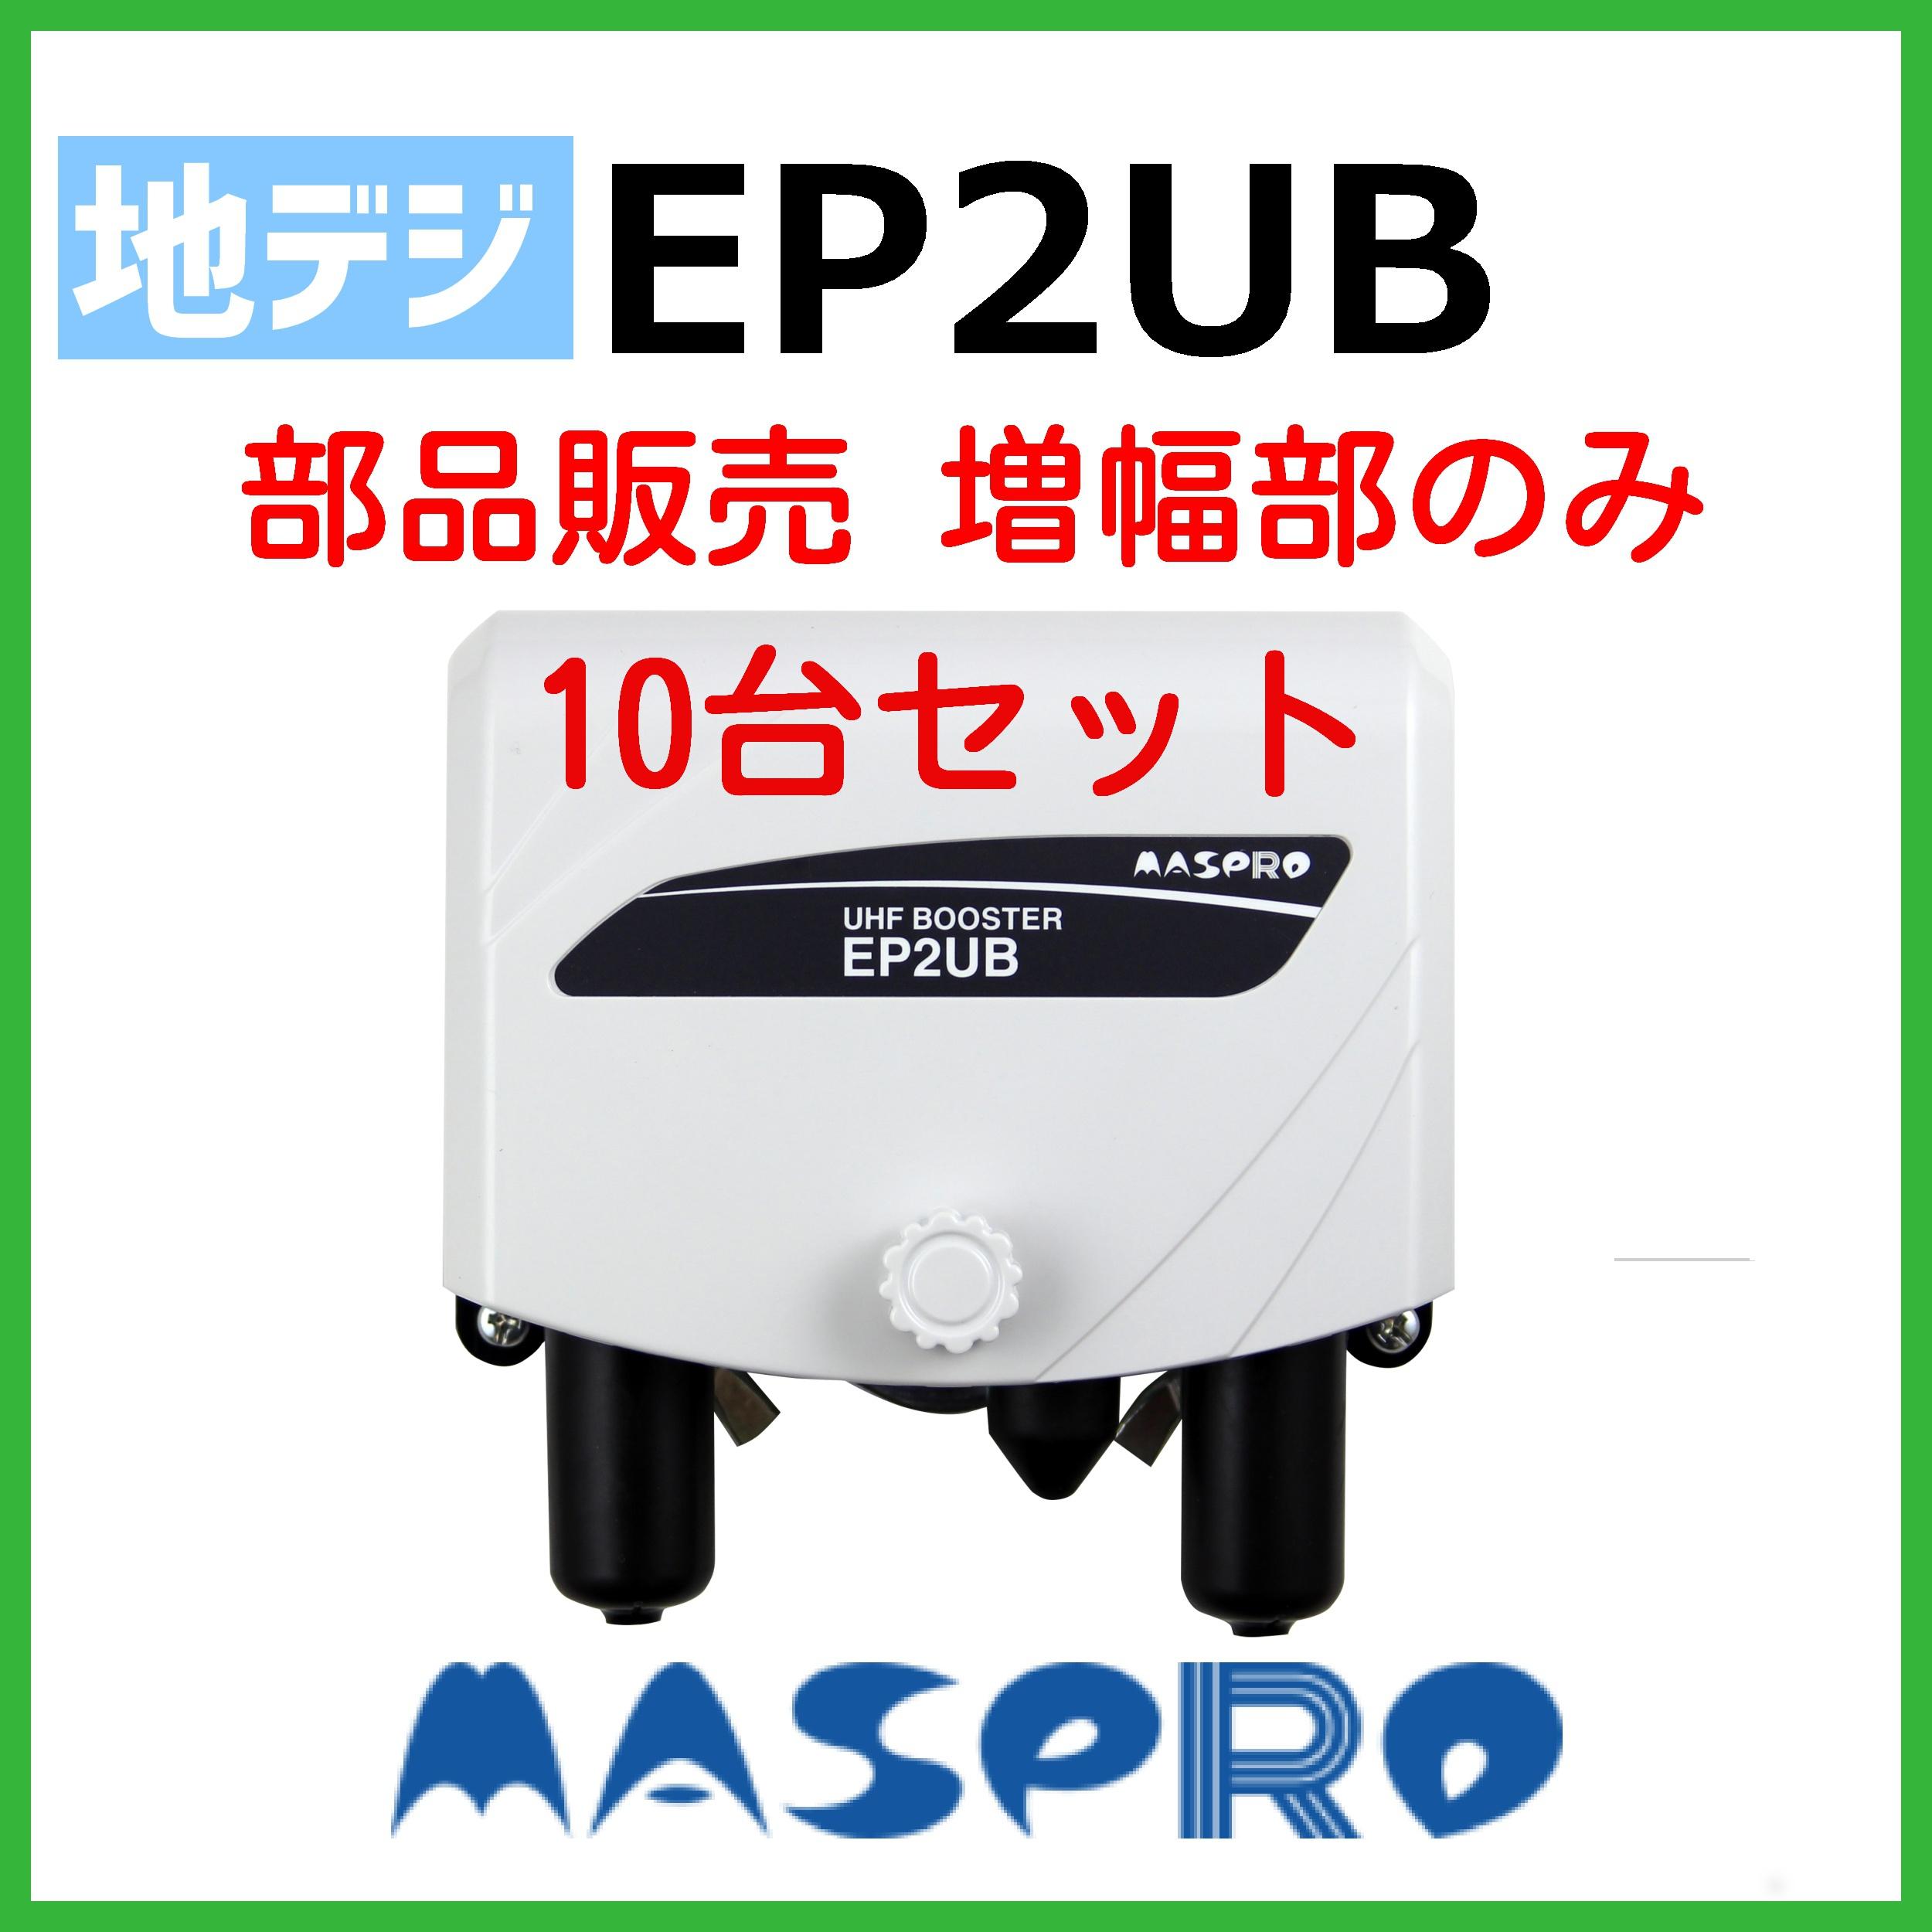 マスプロ 永遠の定番 UHFブースター EP2UB 10個セット 人気の定番 増幅部のみ